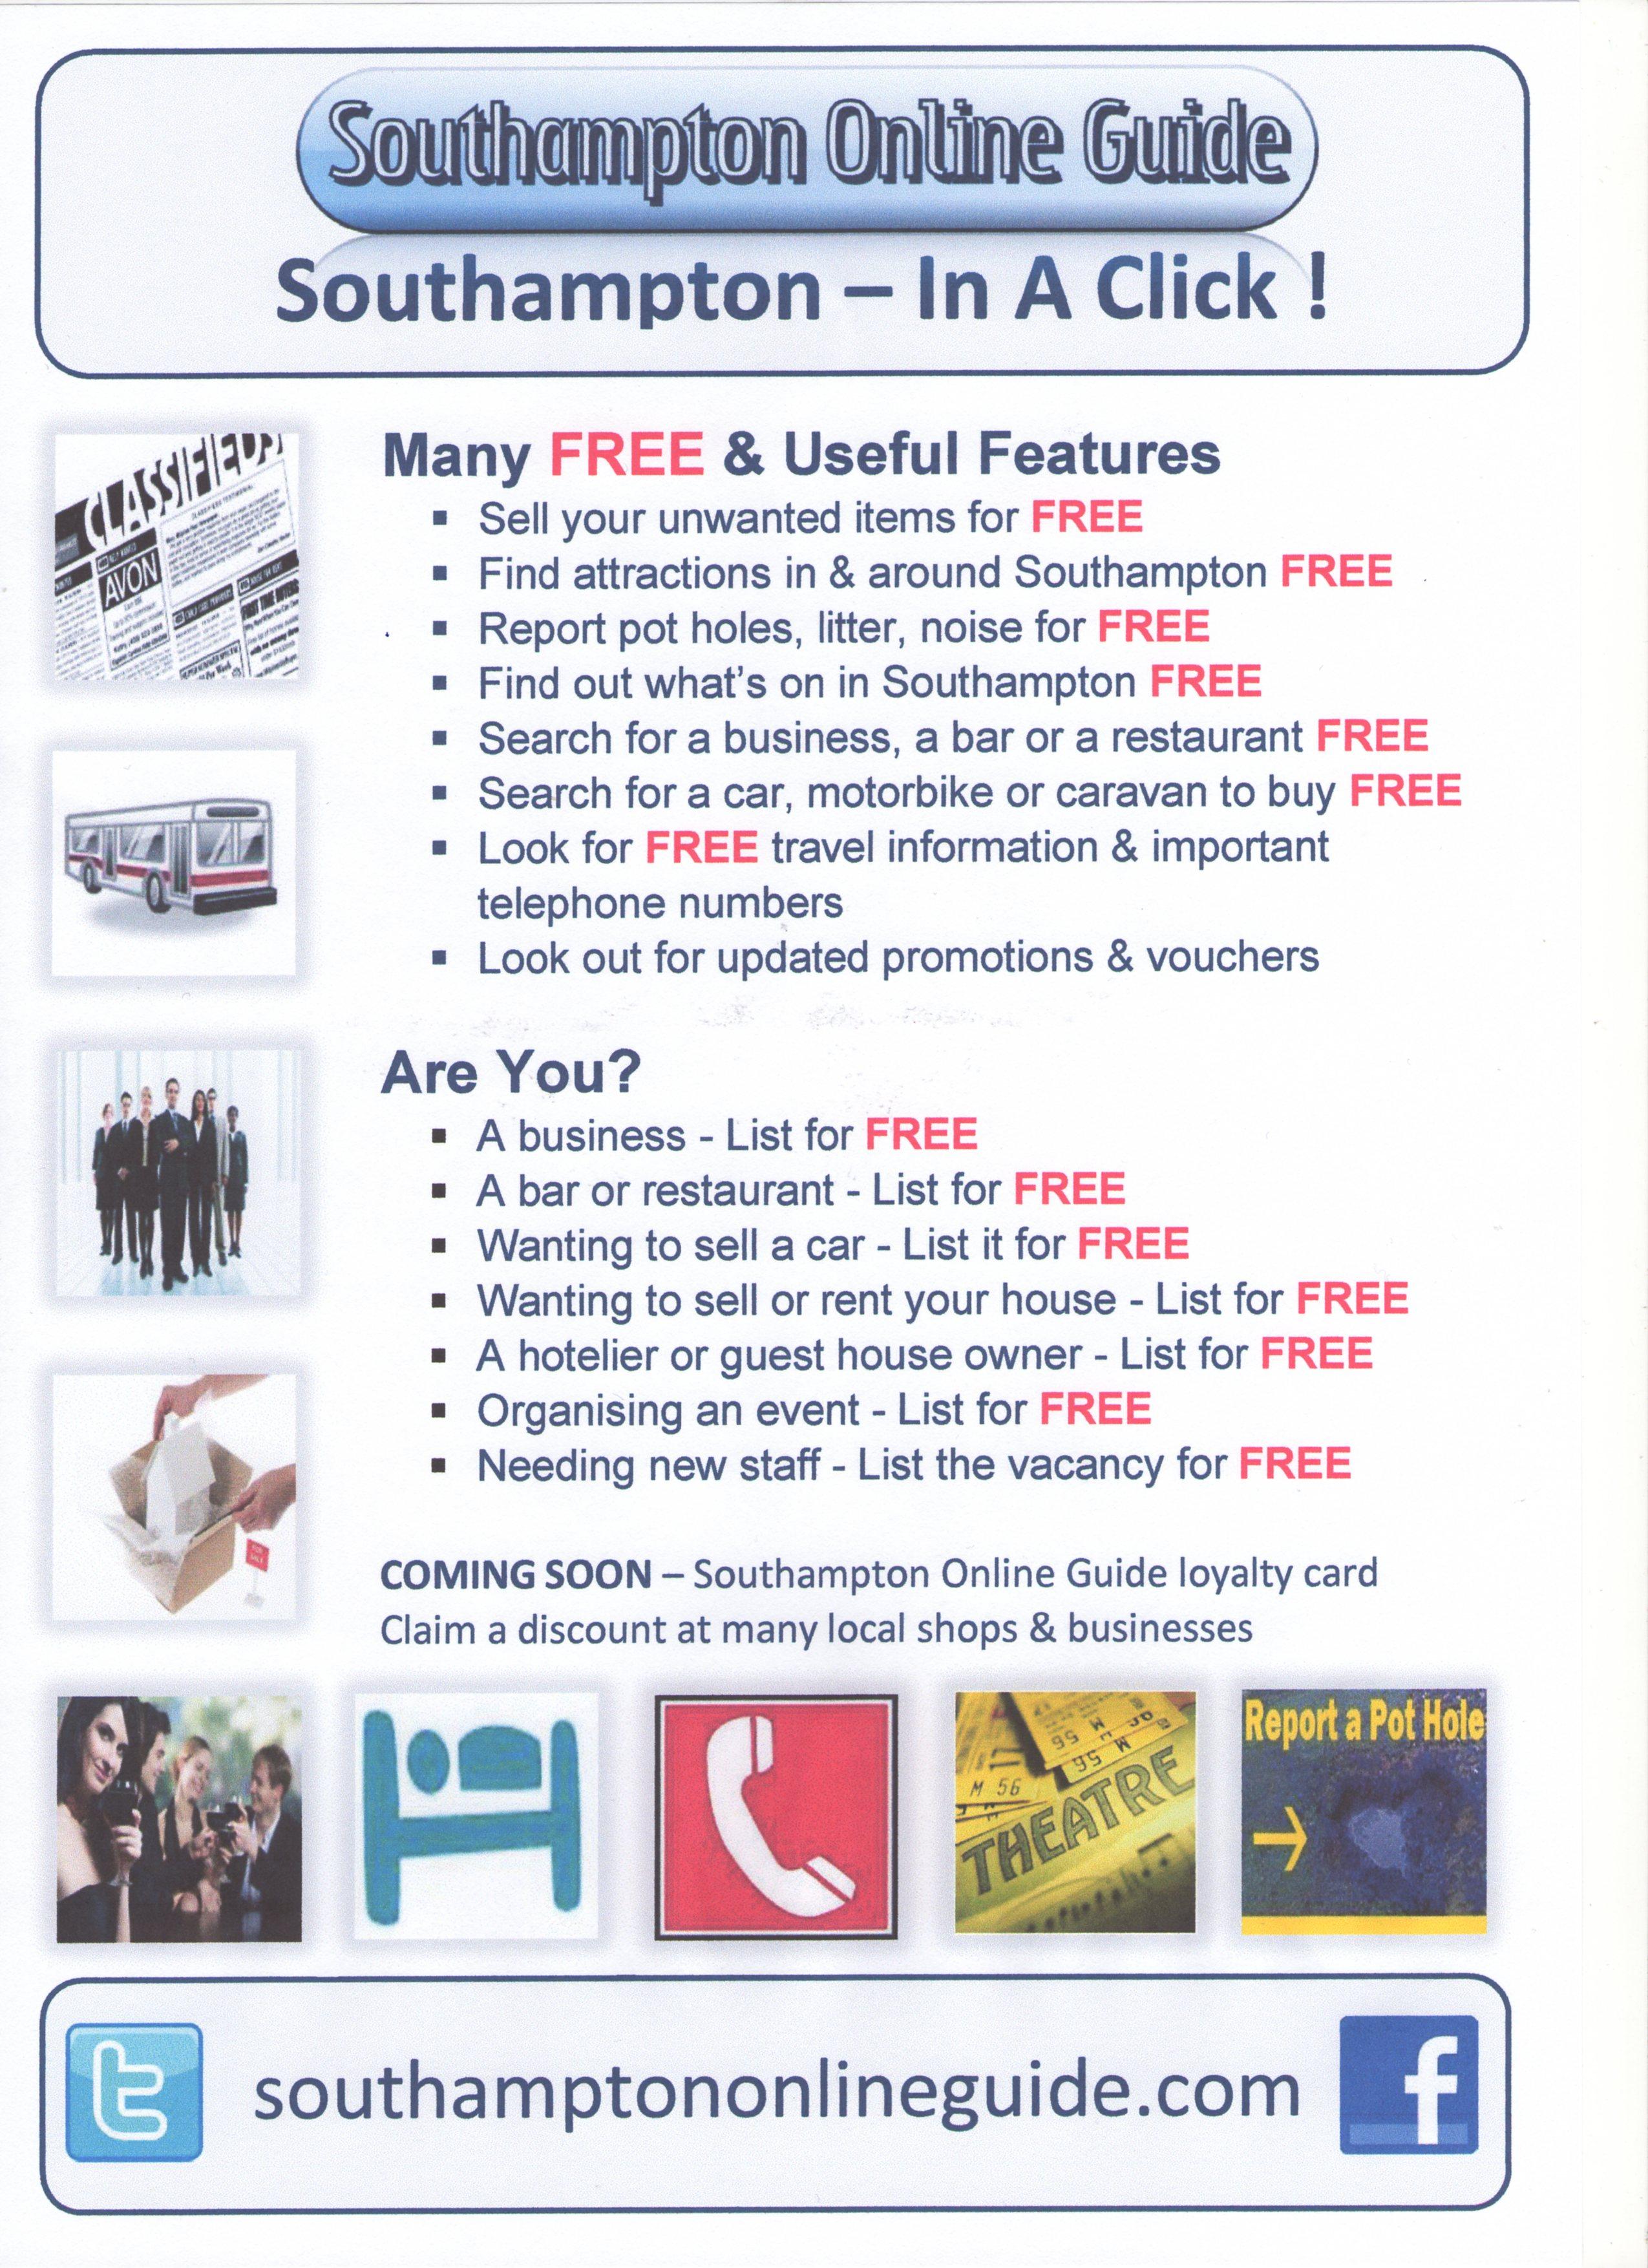 Southampton Online Guide